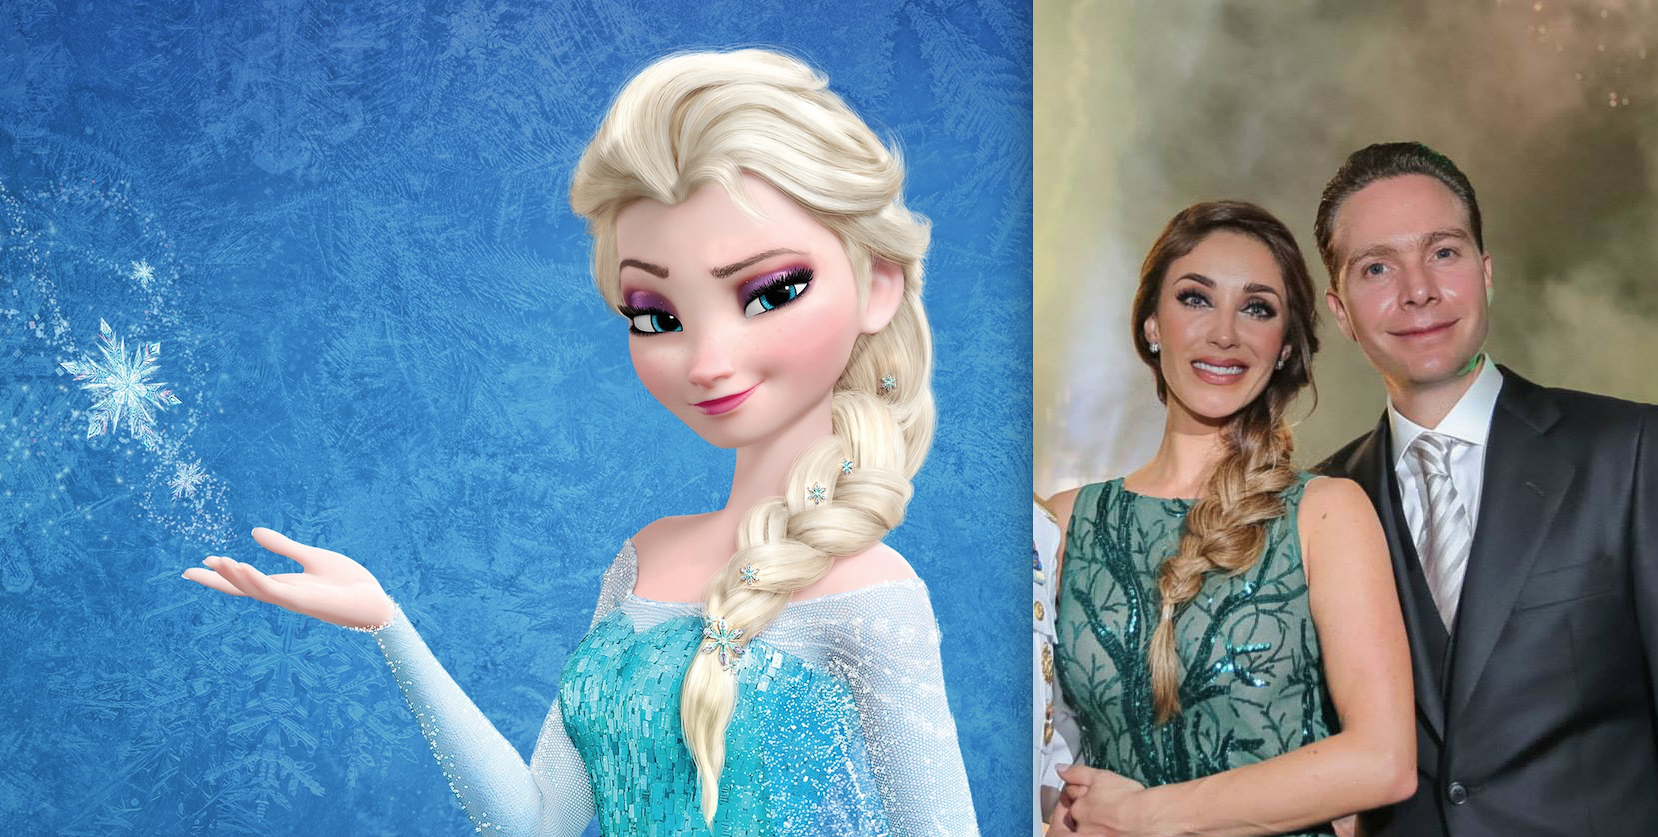 La trenza es igual y los aretes que lleva la cantante son iguales a las aplicaciones que la princesa de Frozen lleva en el pelo.